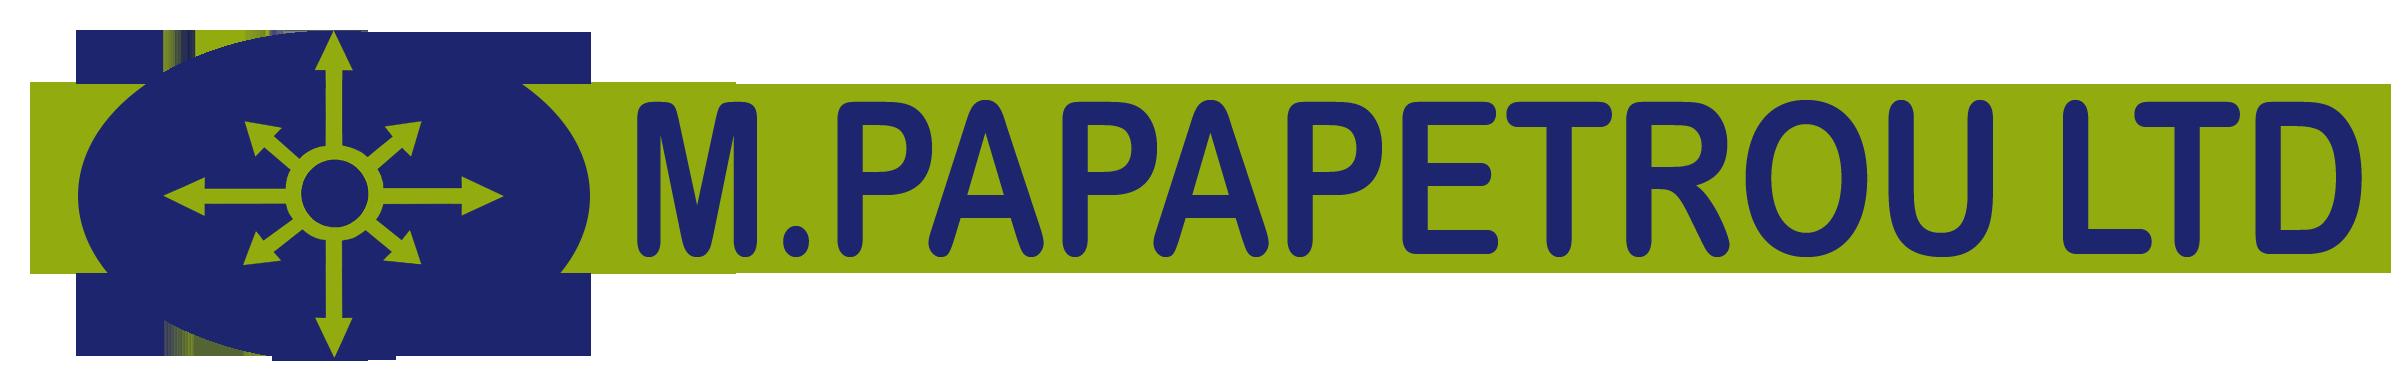 M. Papapetrou Ltd